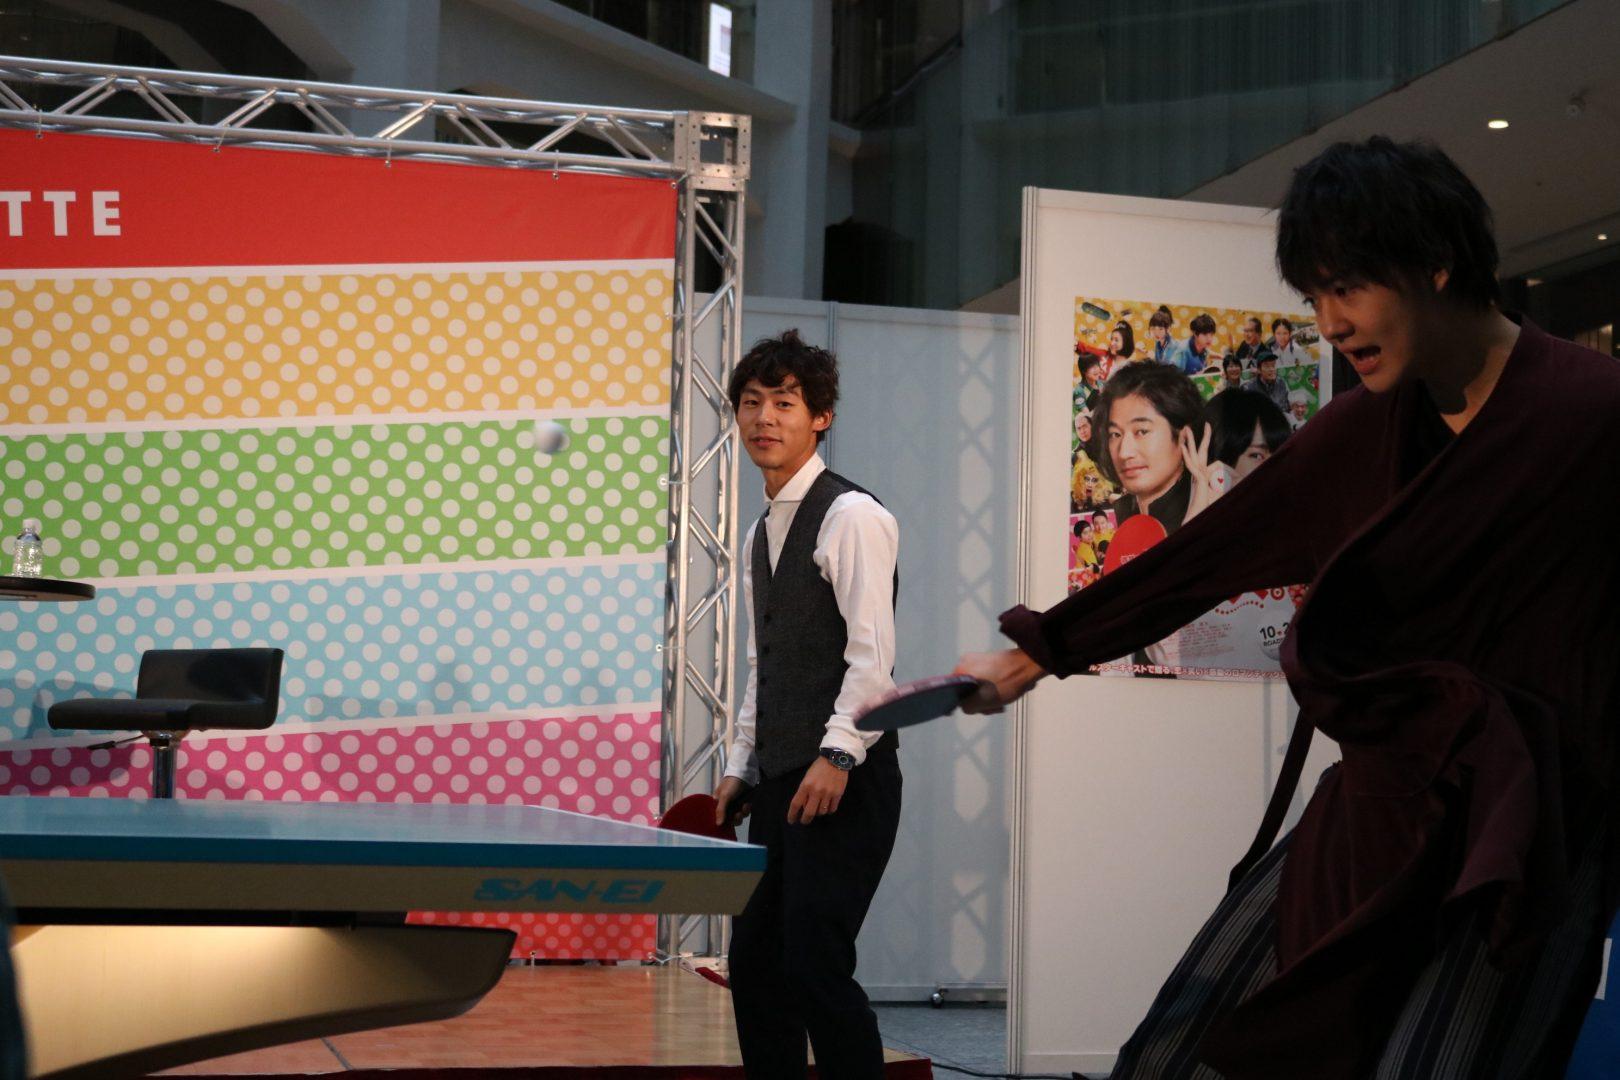 丸の内に3000人が集結 俳優・佐野勇斗が「卓球にハマった」と告白